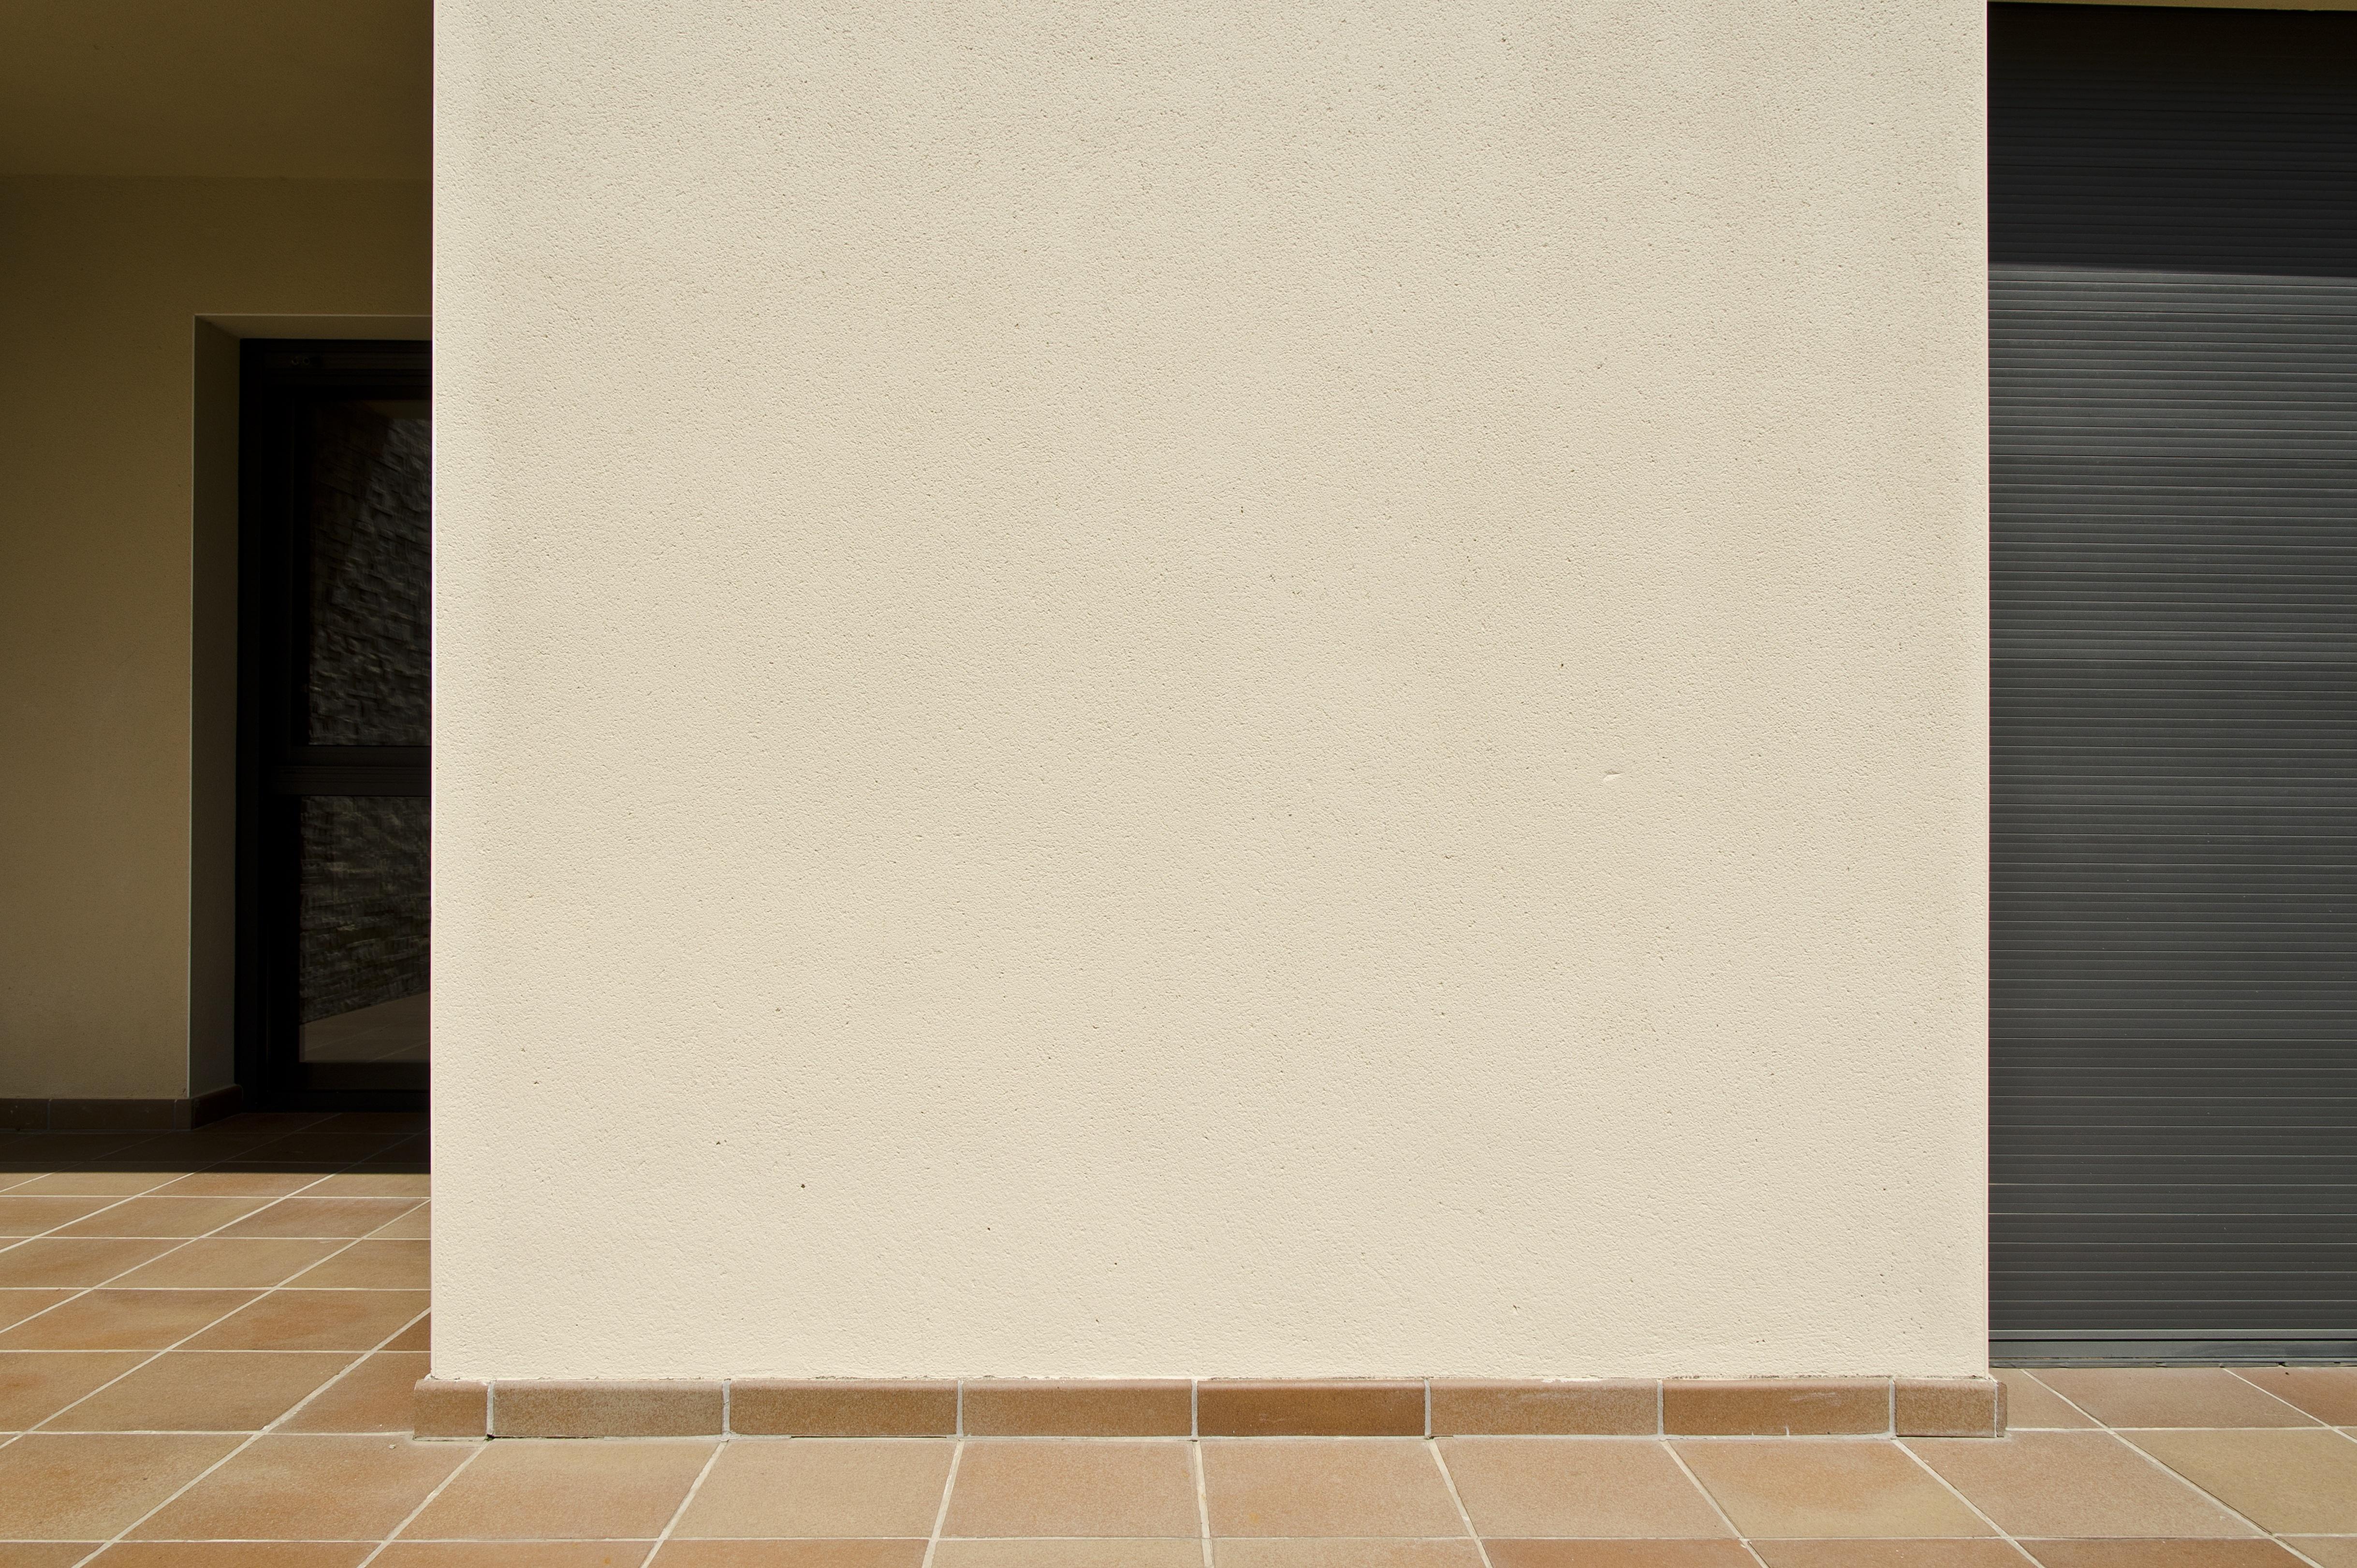 fotos gratis : arquitectura, estructura, madera, textura, piso